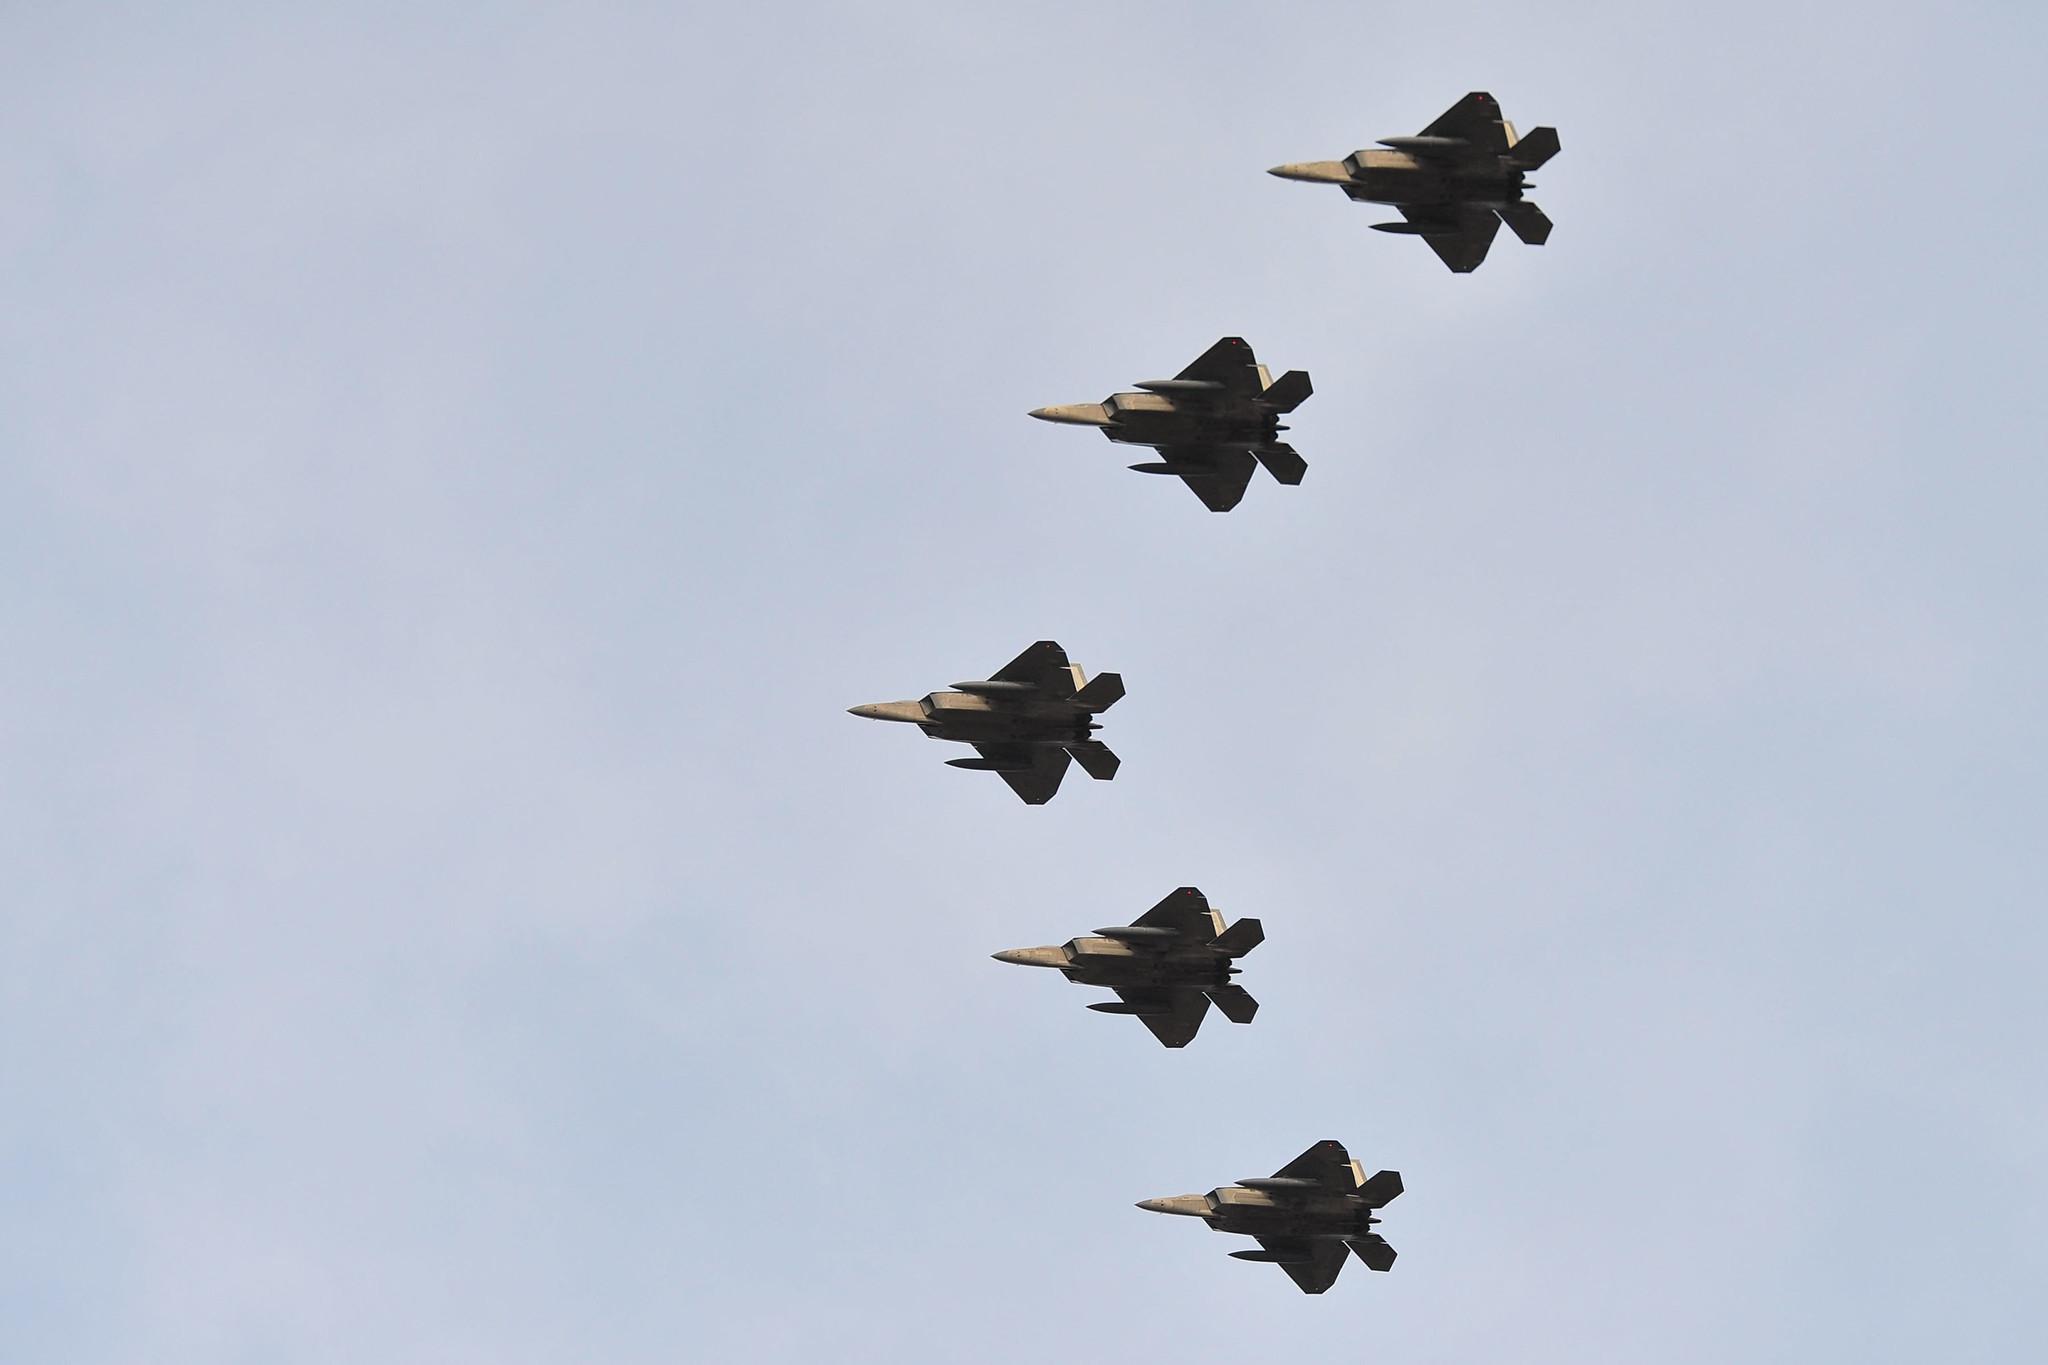 F-22 Raptor fly over